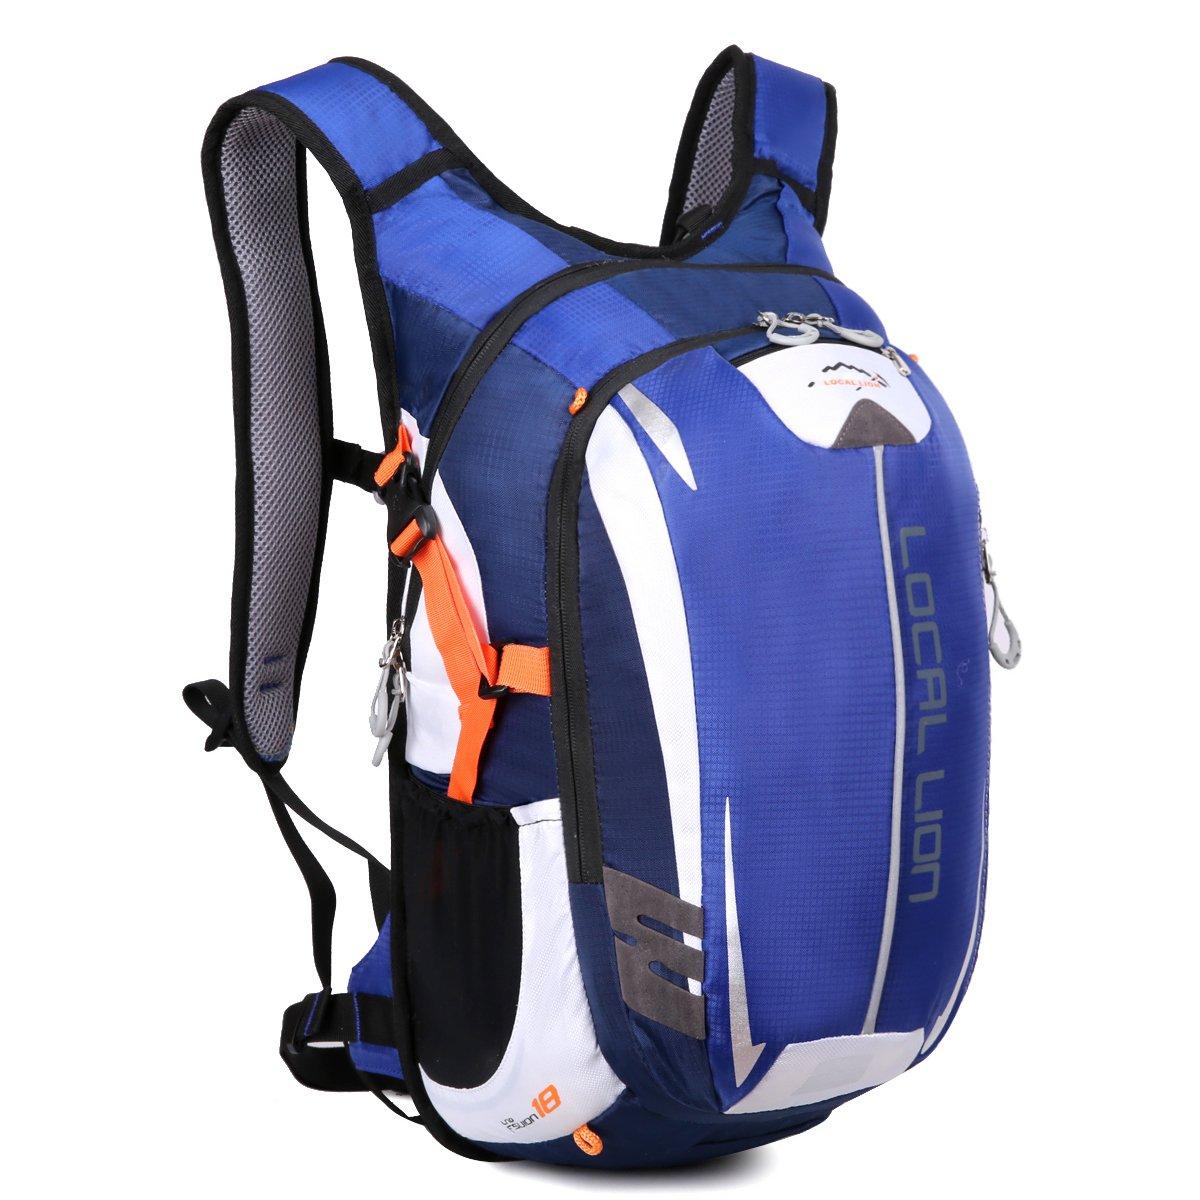 Local Lion Fahrradrucksack Trinkrucksack Reiserucksack Sportrucksack Tagesrucksack Alltags Daypacks Backpack Outdoor Ultraleicht Unisex 18L Blau…